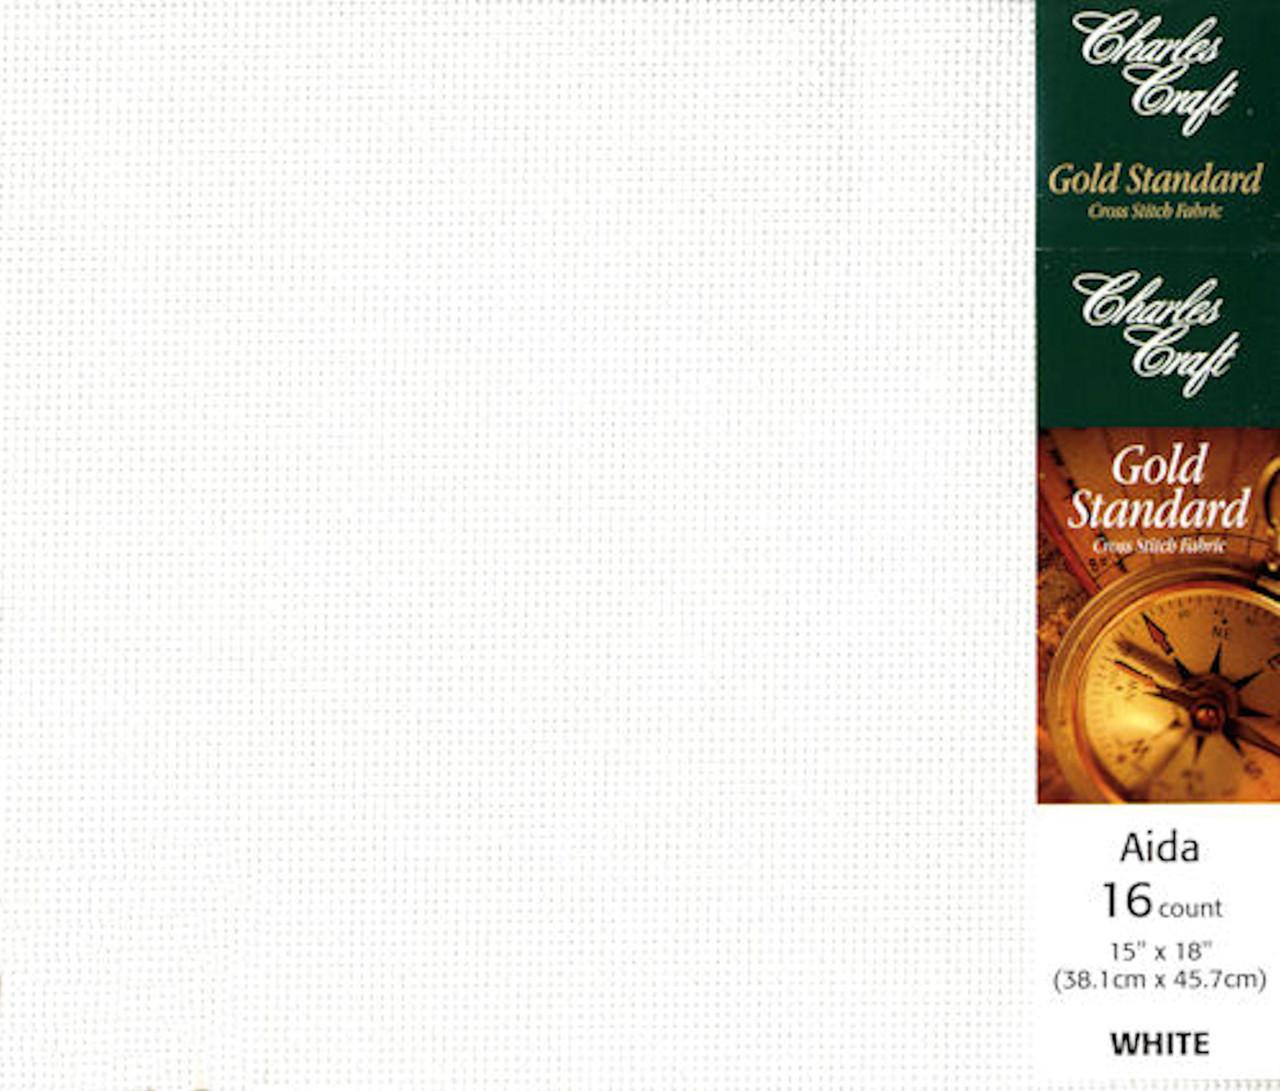 Charles Craft - 16 Ct White Aida Fabric 15 x 18 in